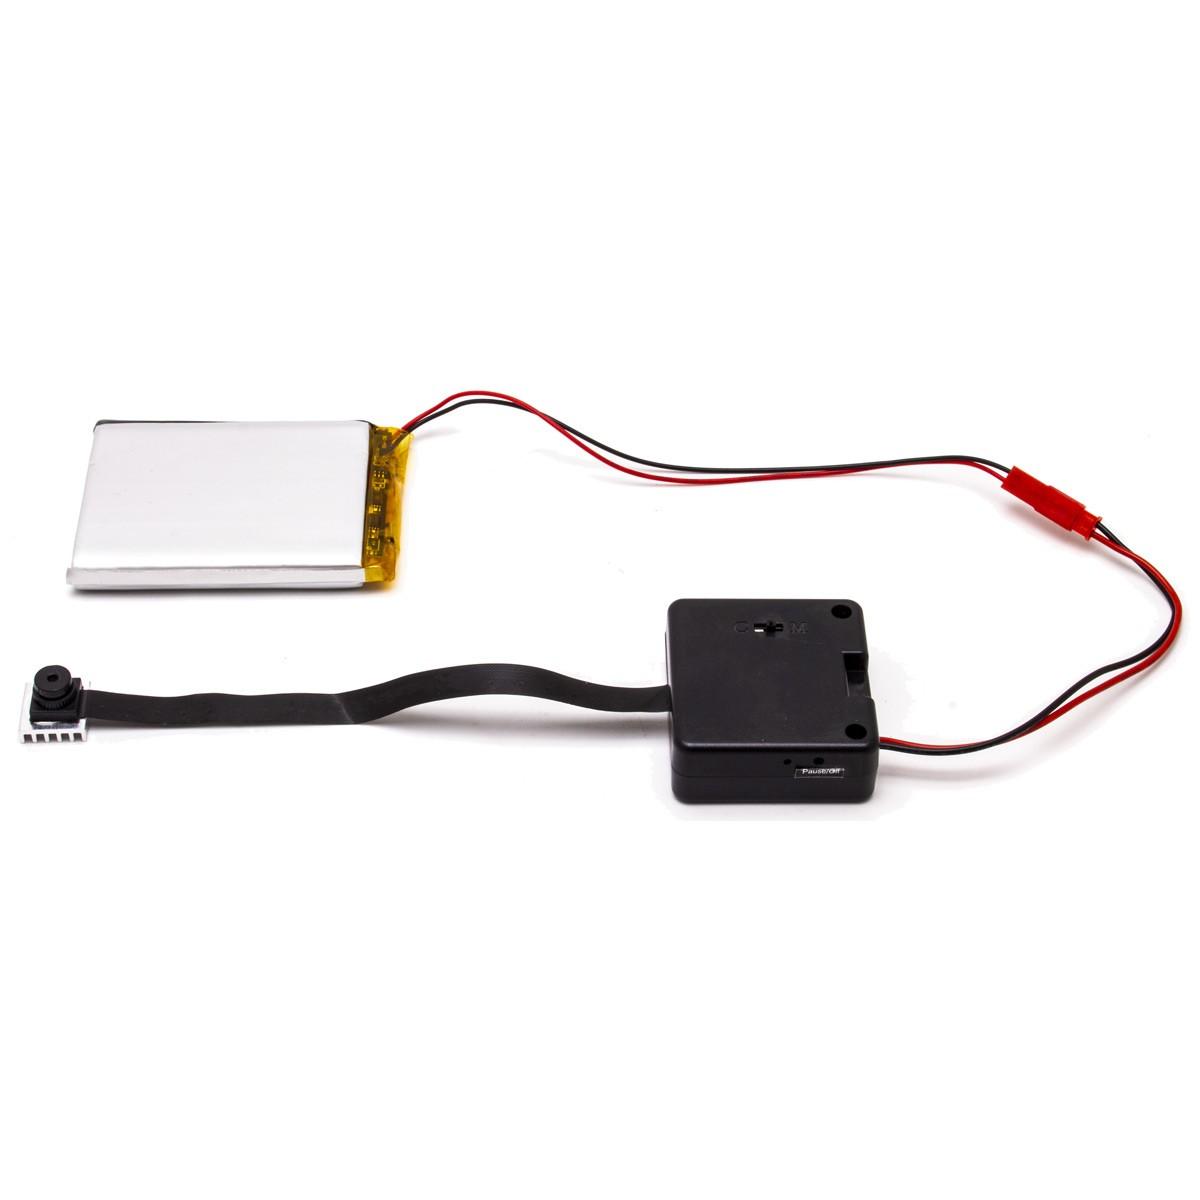 Module micro caméra HD 1080P autonome à intégrer avec enregistrement à la détection ou continu sur MicroSD 64 Go